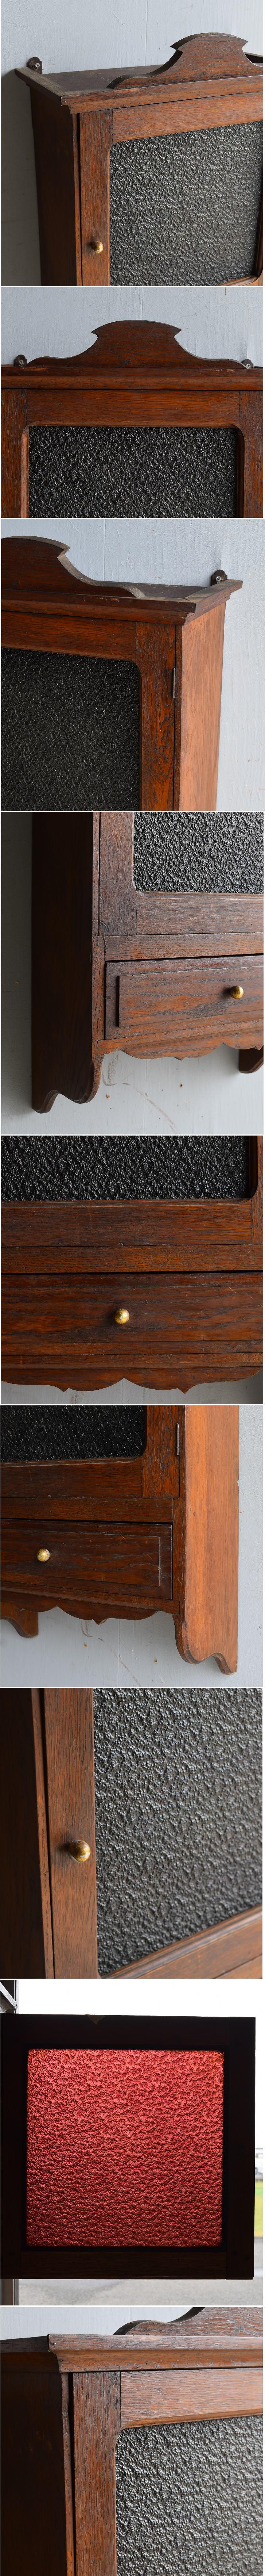 フレンチ アンティーク 木製 壁掛けキャビネット 8514